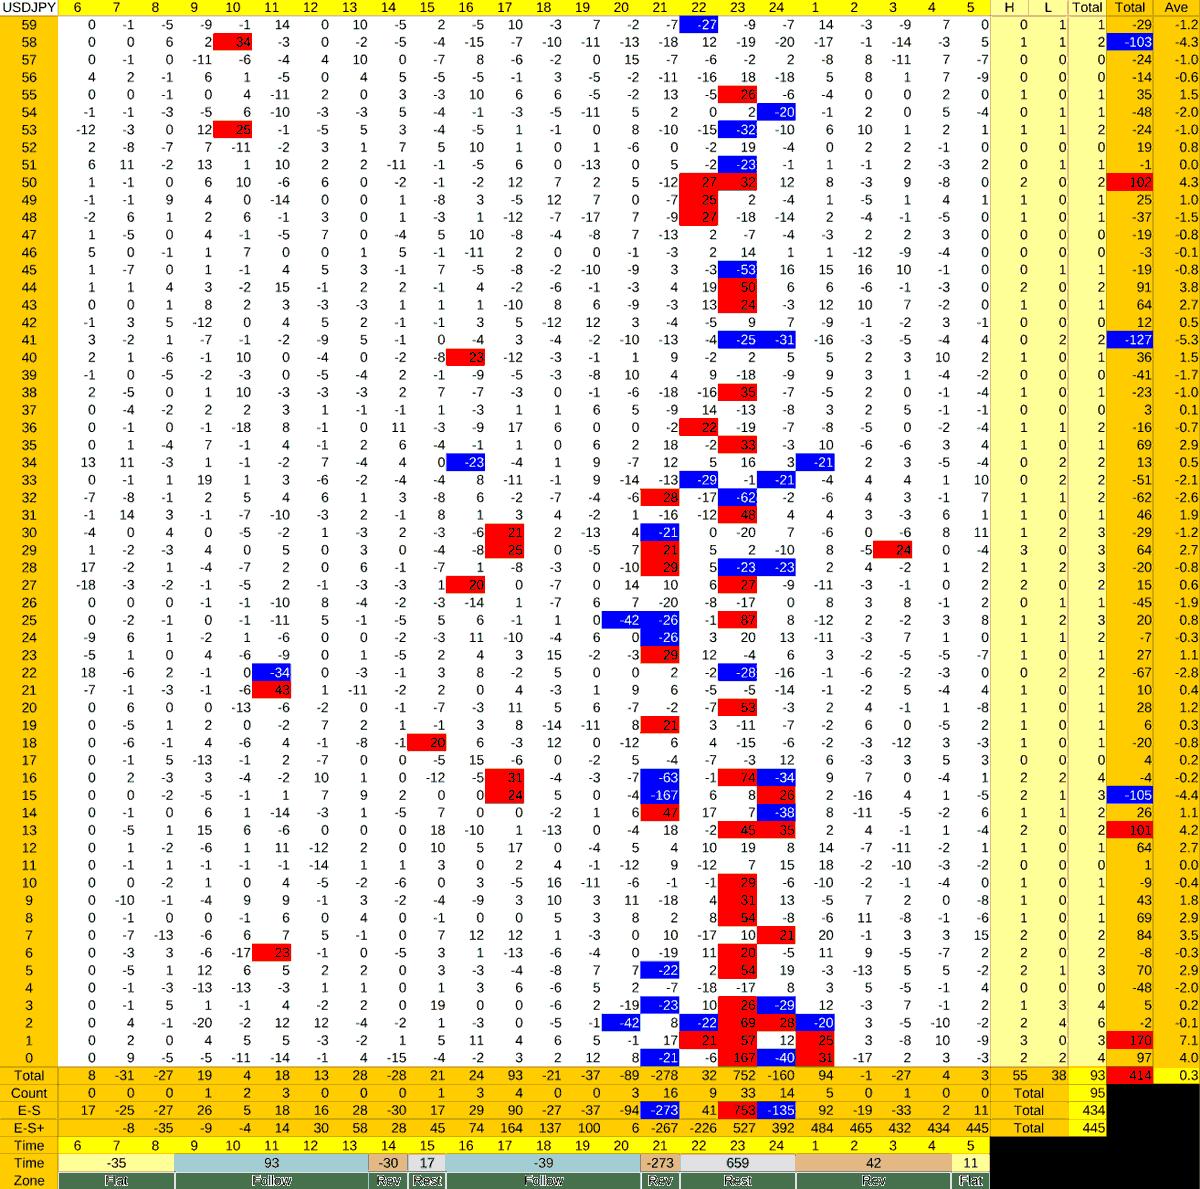 20210804_HS(1)USDJPY-min